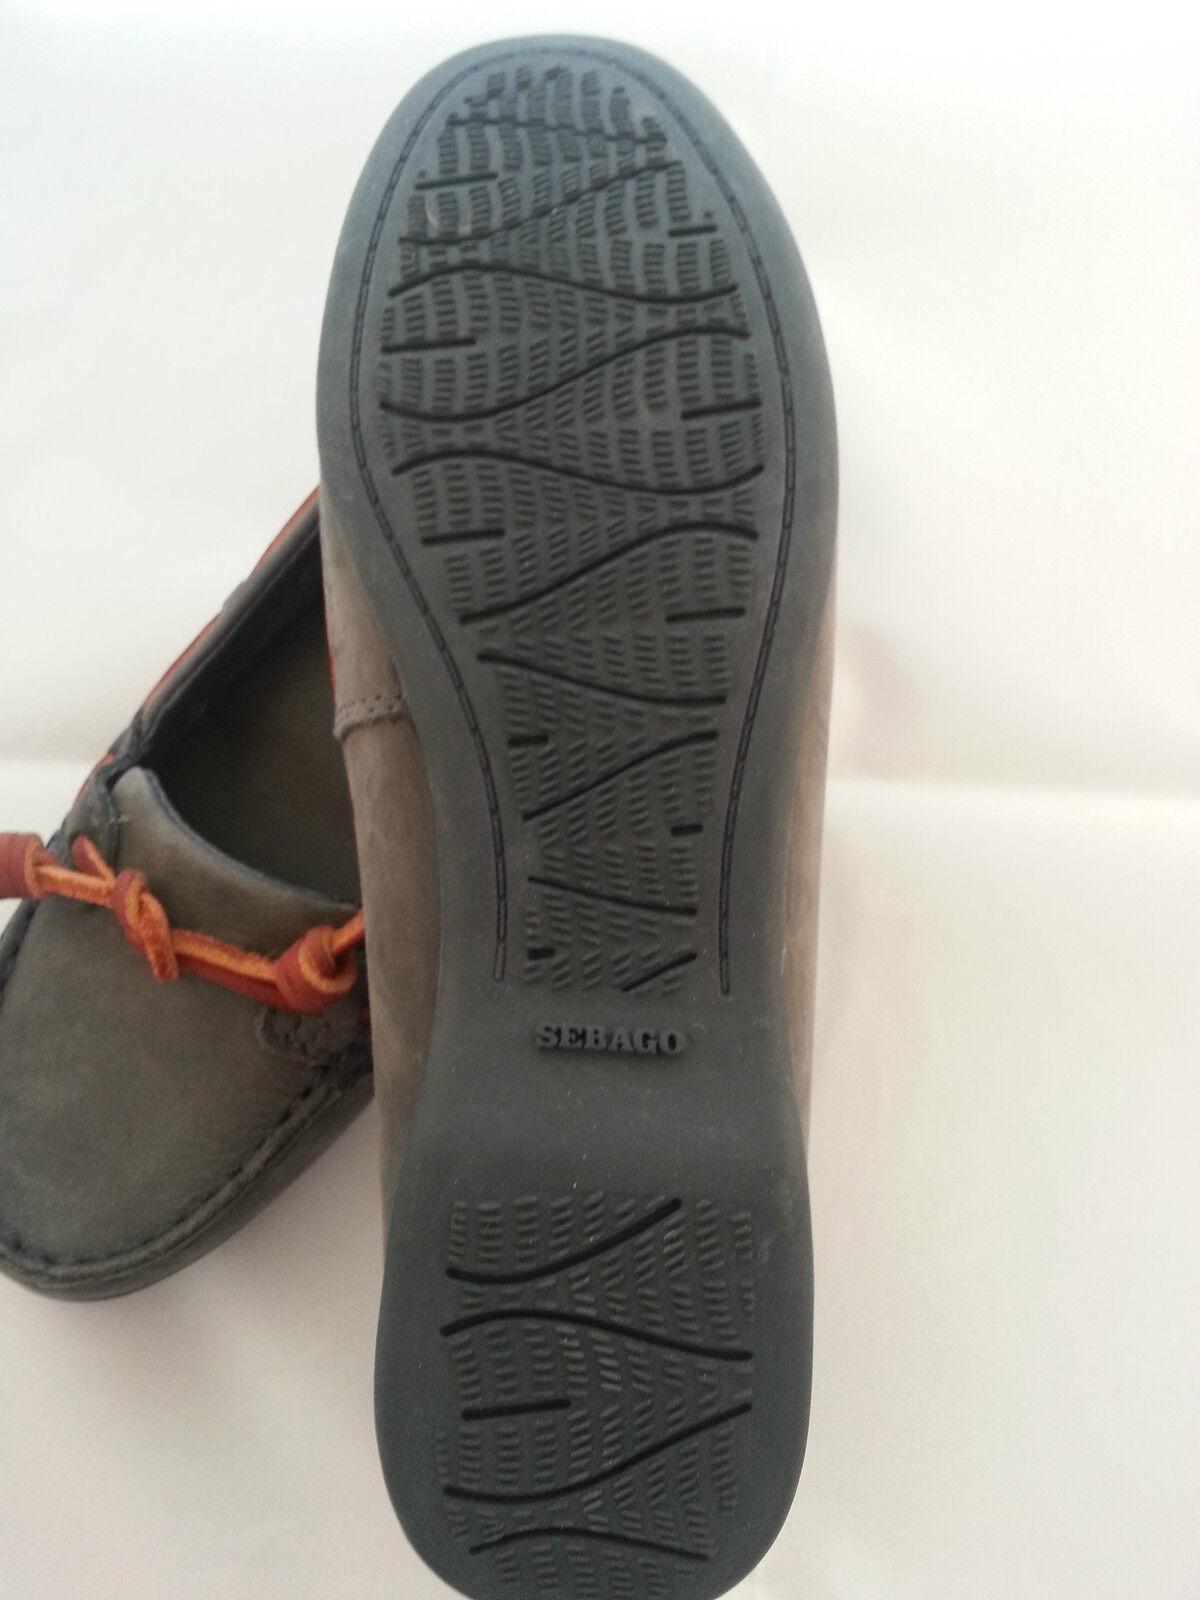 SEBAGO SEBAGO SEBAGO Damen Schuhe schuhe FELUCCA LACE Stiefelschuhe, Mokassins, Slipper NEU 35,5  435d67